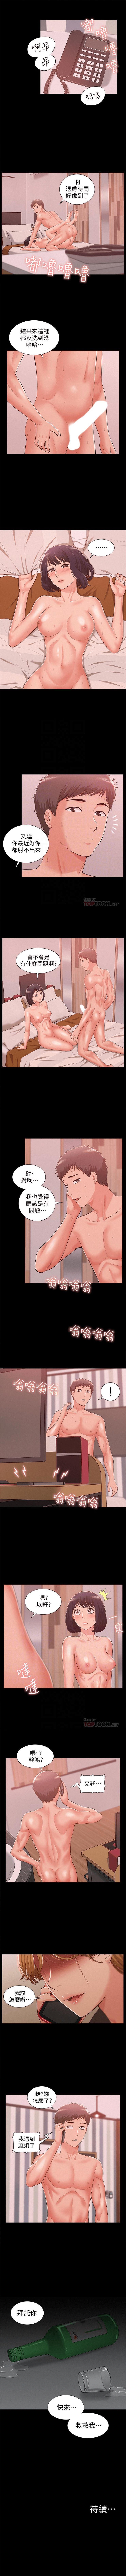 (周4)难言之隐 1-20 中文翻译(更新中) 55